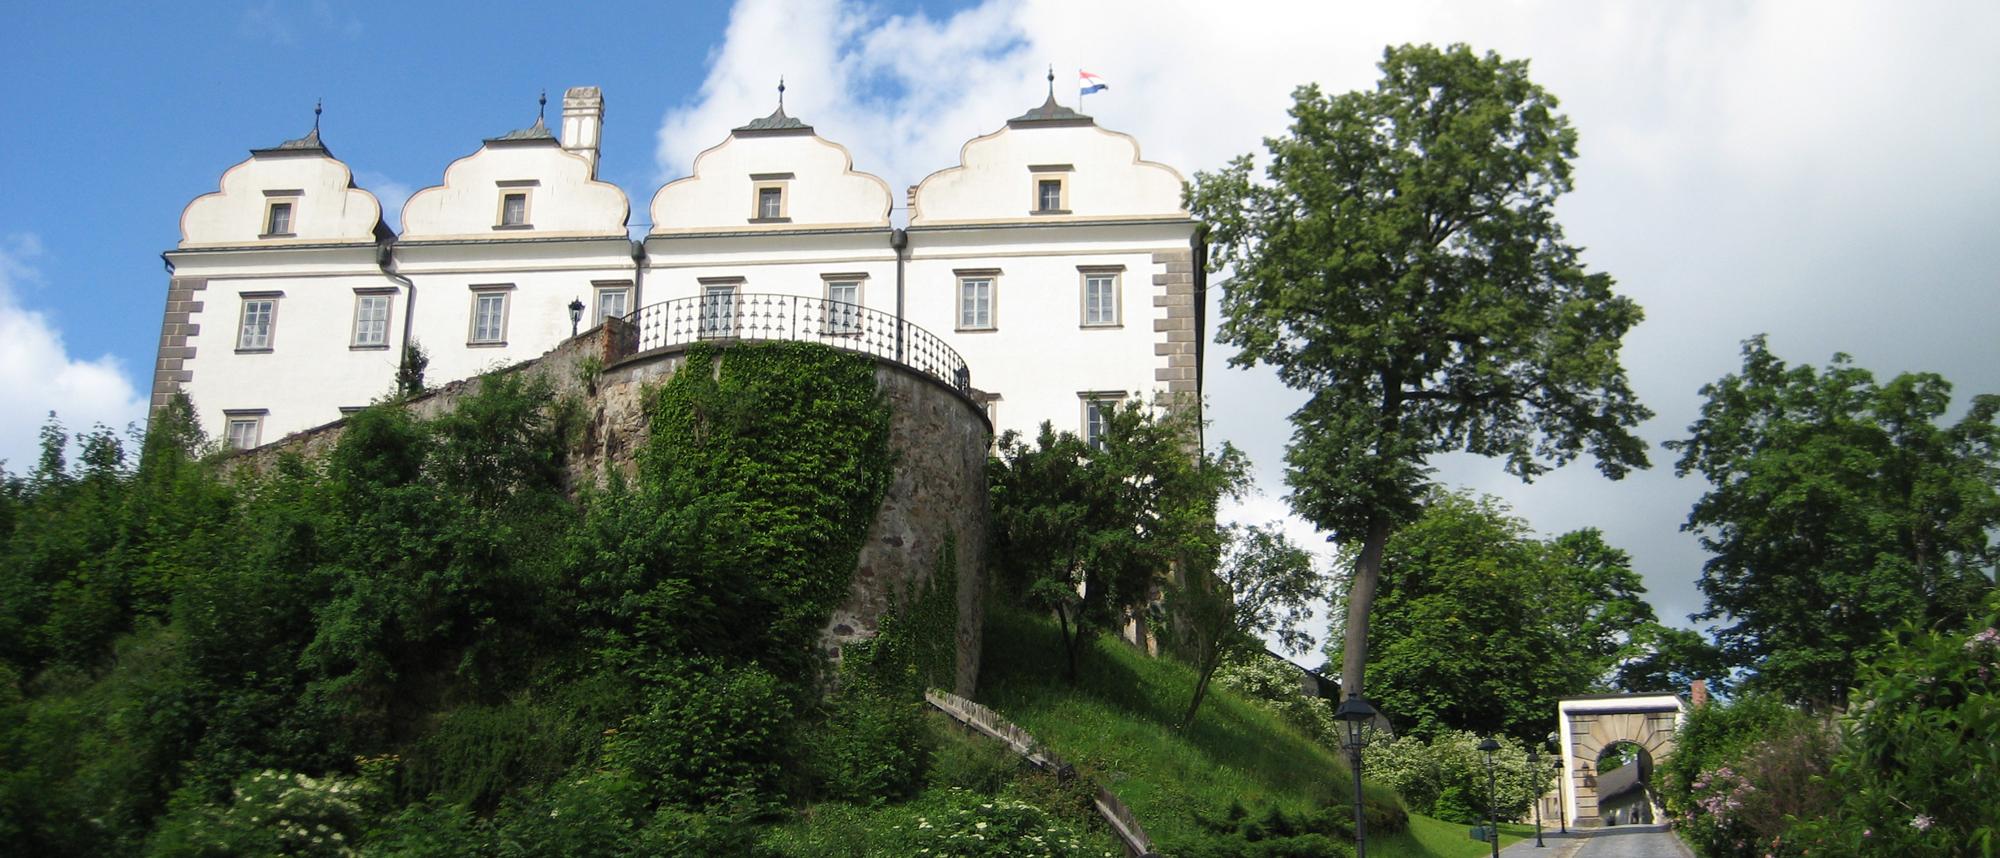 Schloss Weitra © Kulturverein Schloss Weitra